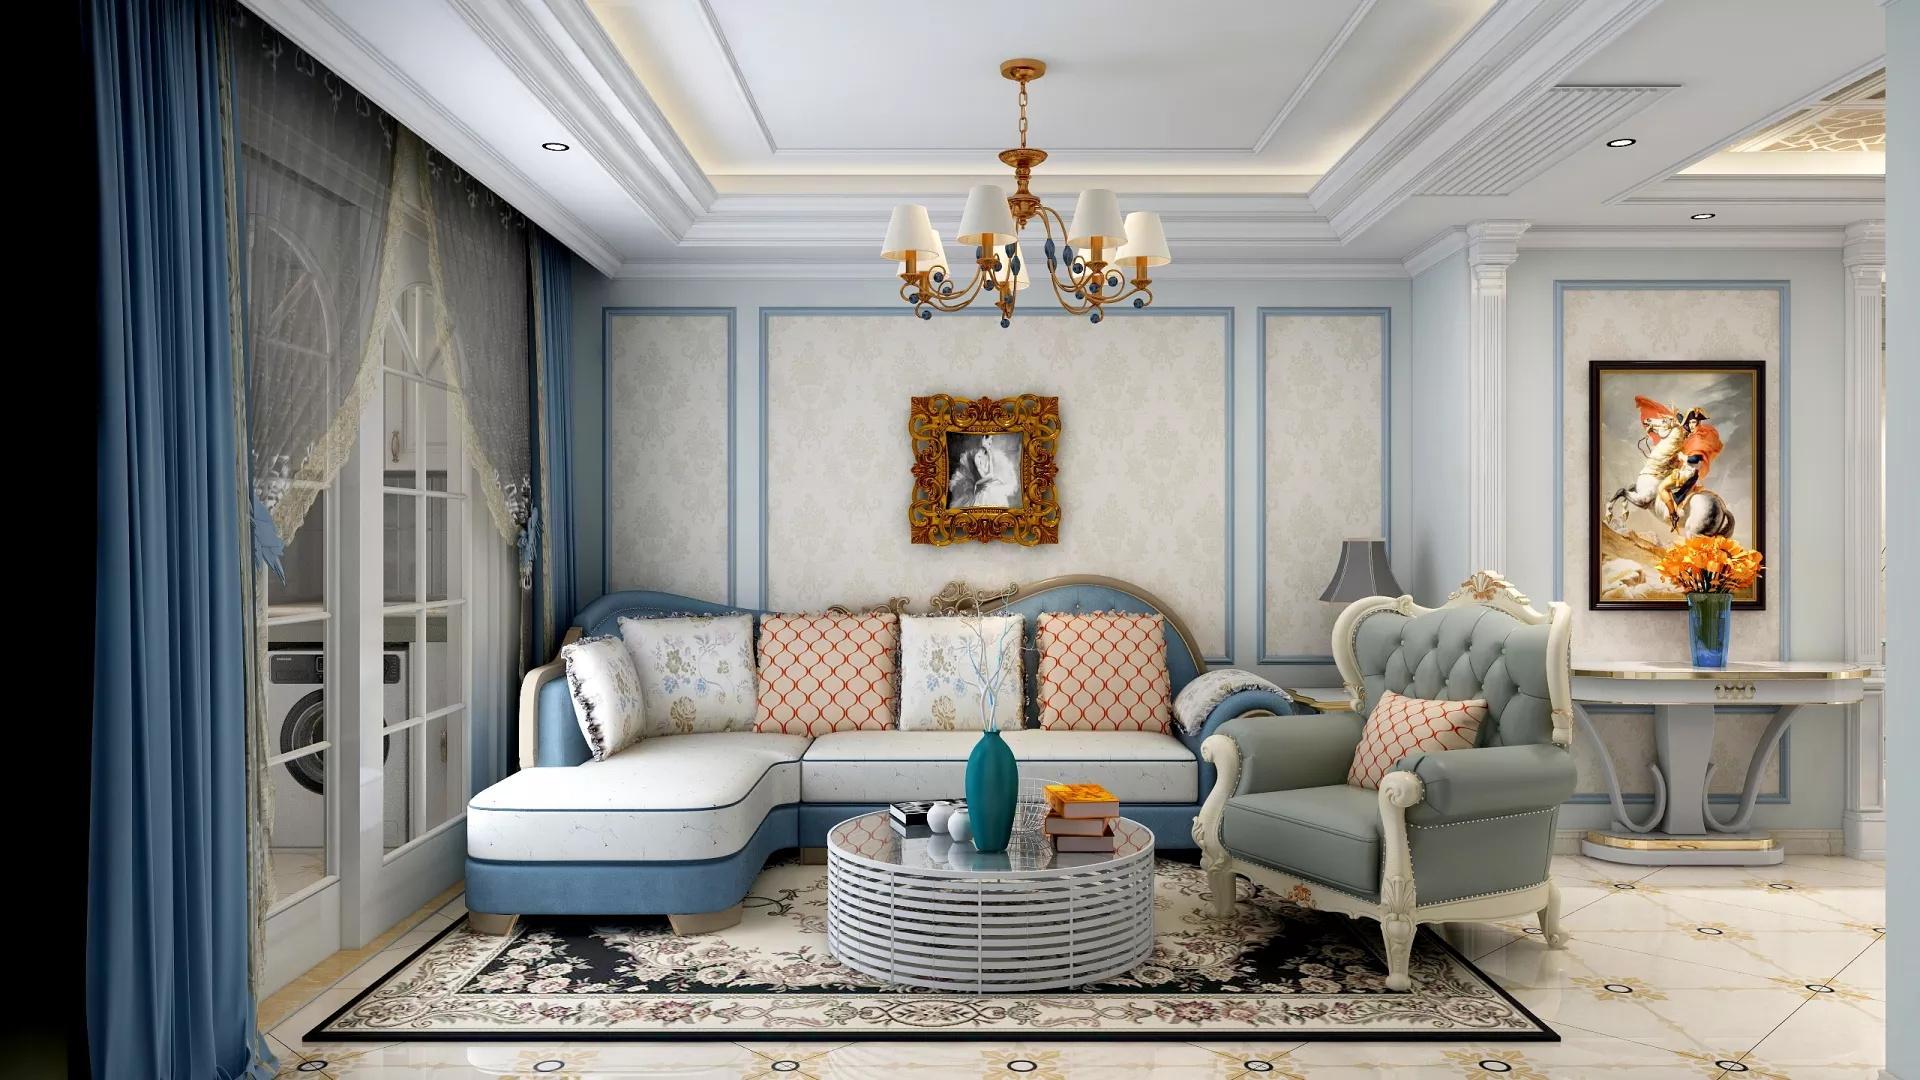 日式风格客厅装修 体验不一样的禅意感官